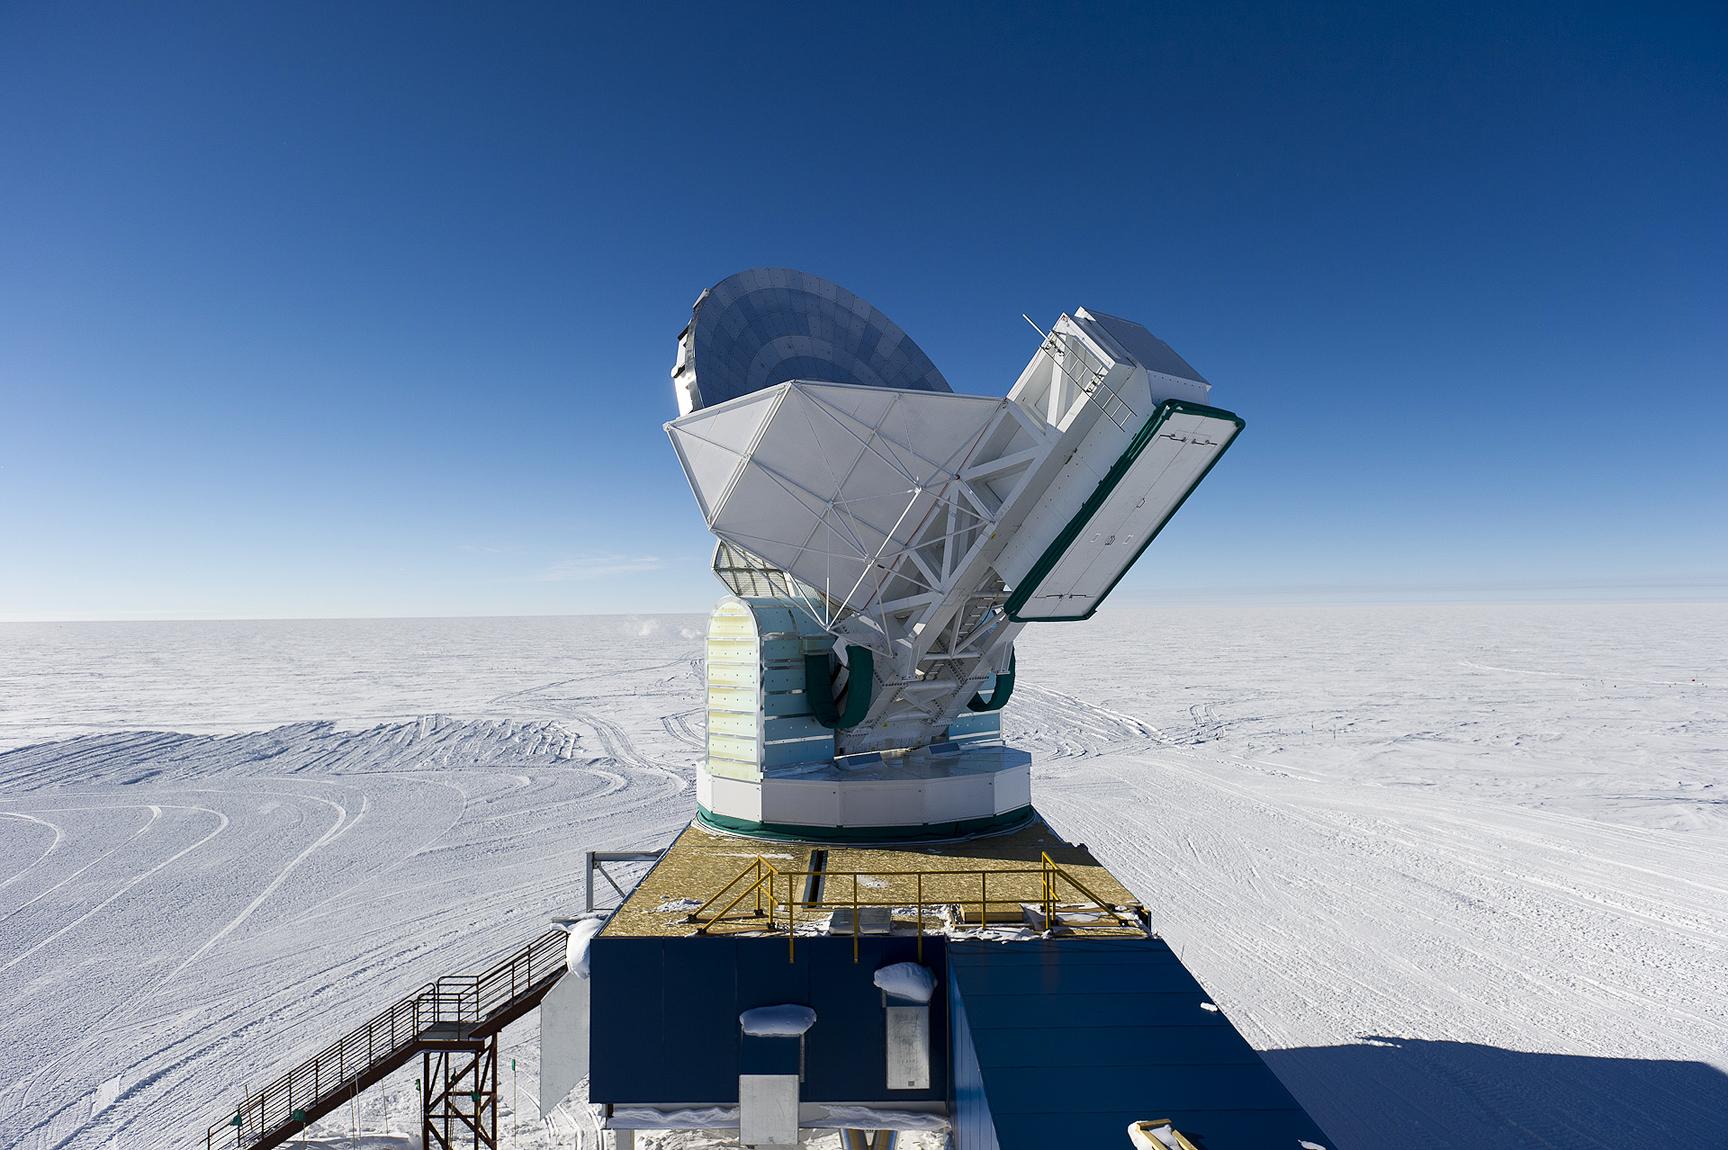 Bildergebnis für infrared telescope antarctica images